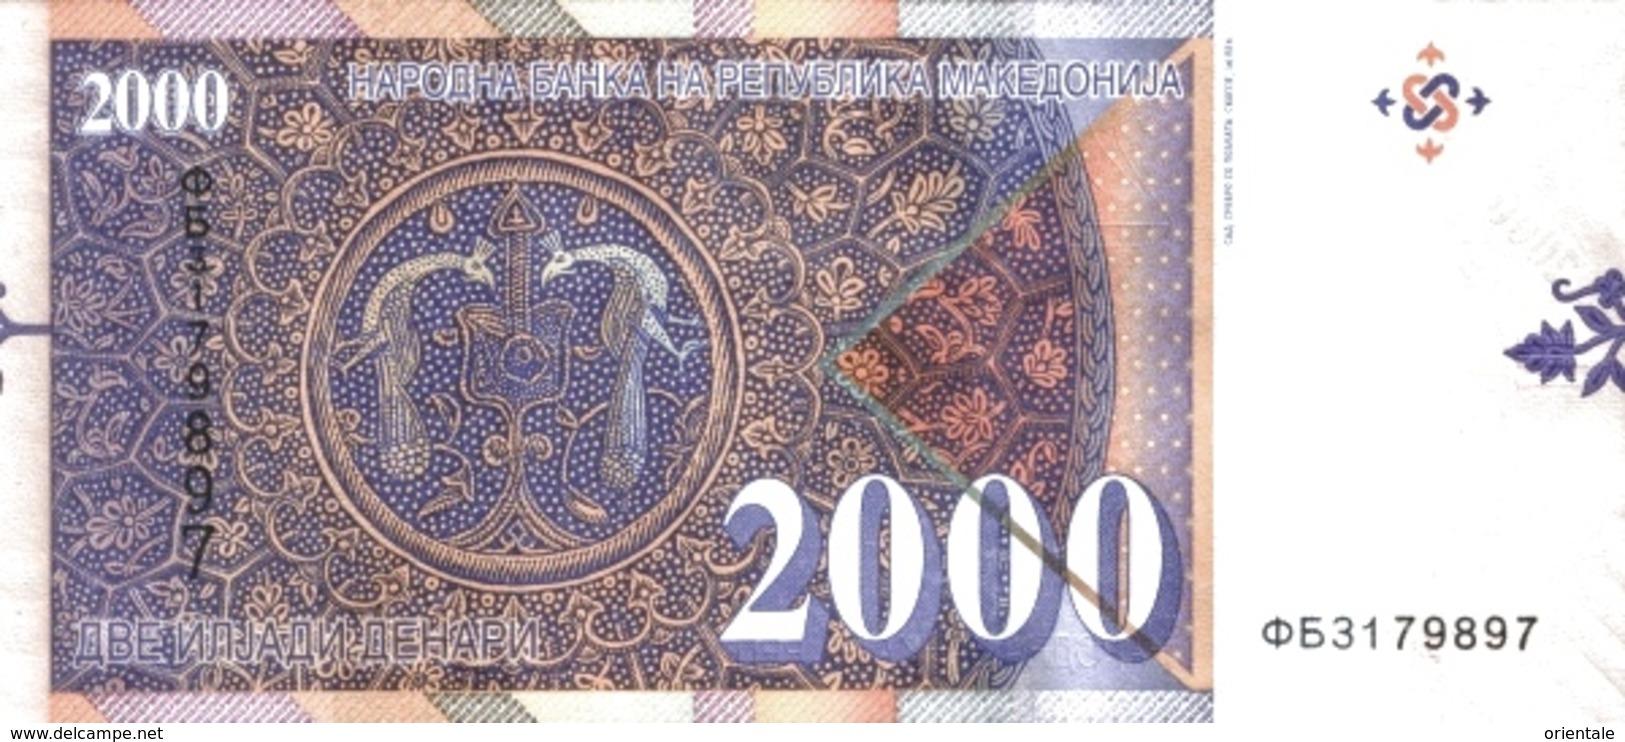 MACEDONIA P. 24 2000 D 2016 UNC - Macedonia